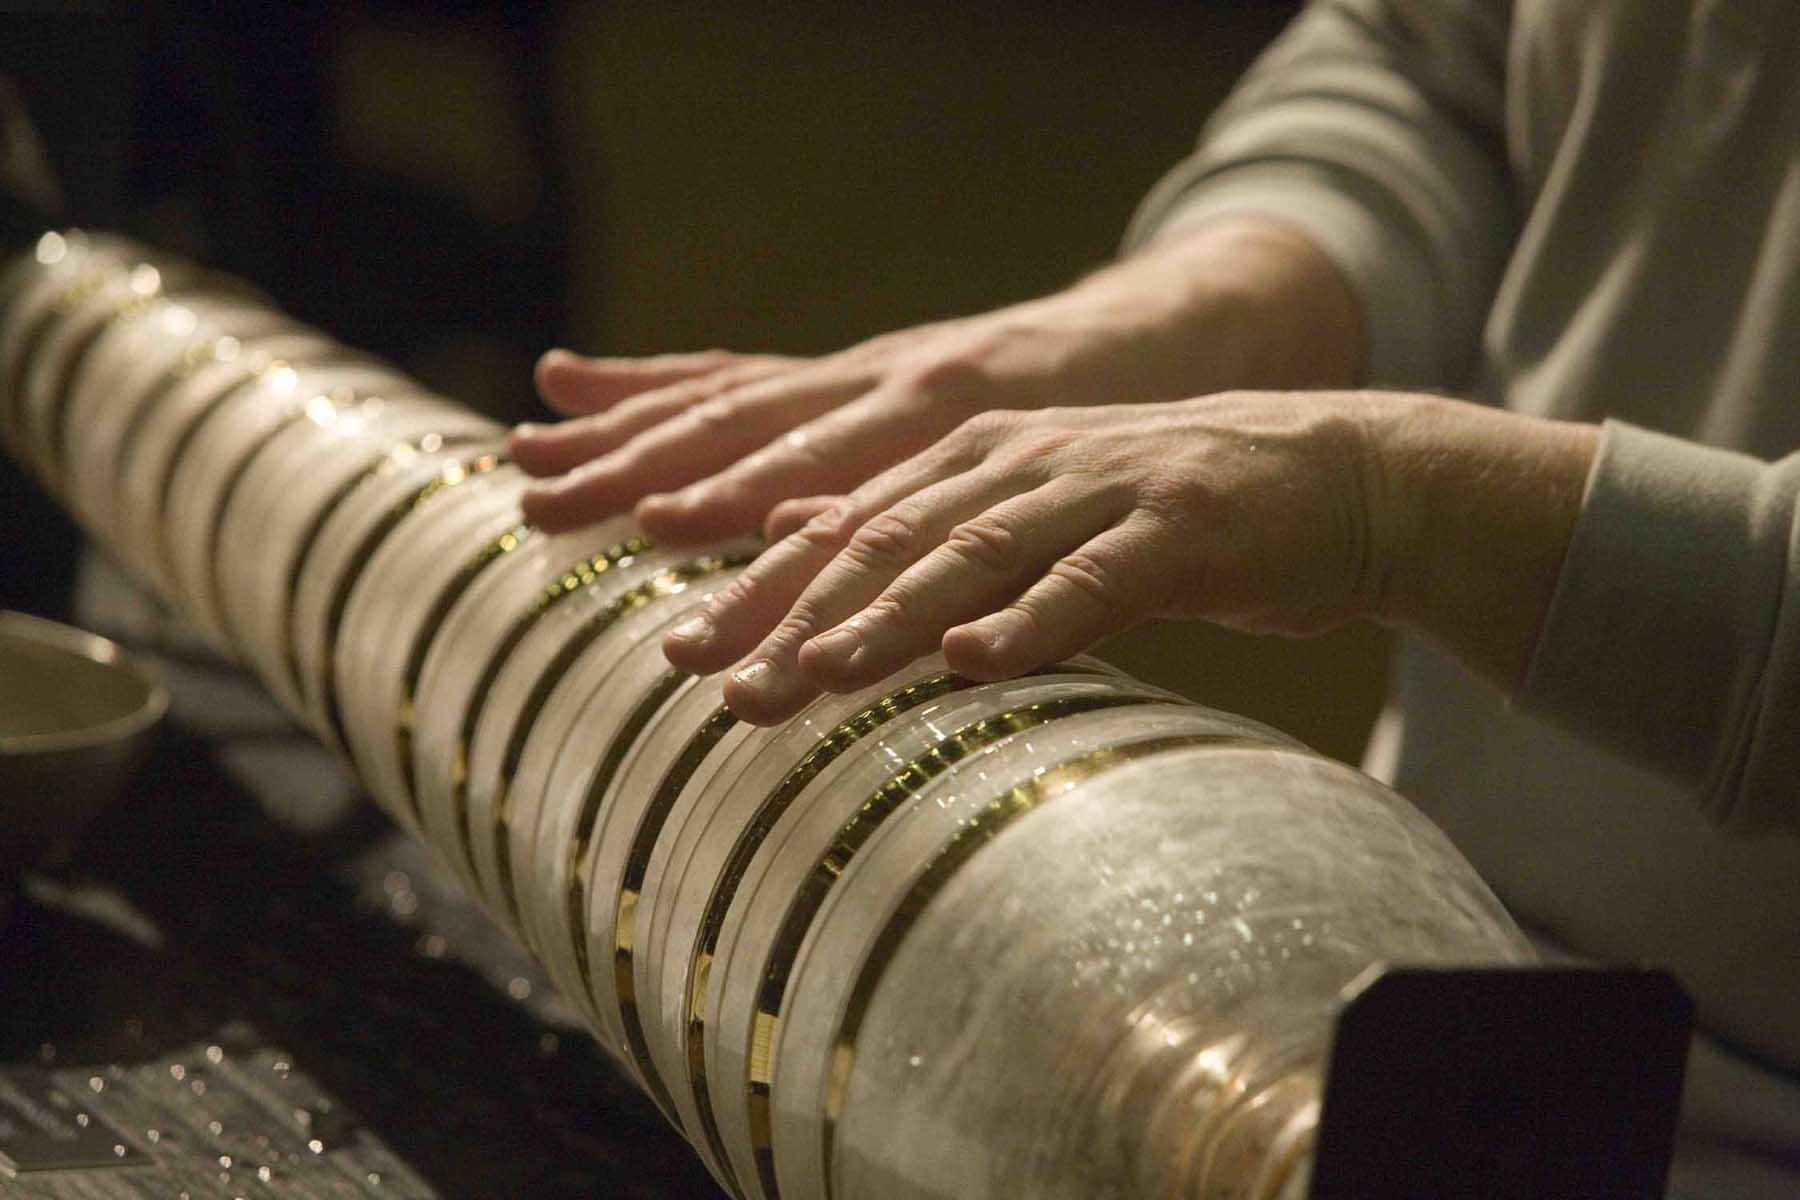 Yeni bir akustik enstrüman: yaybahar